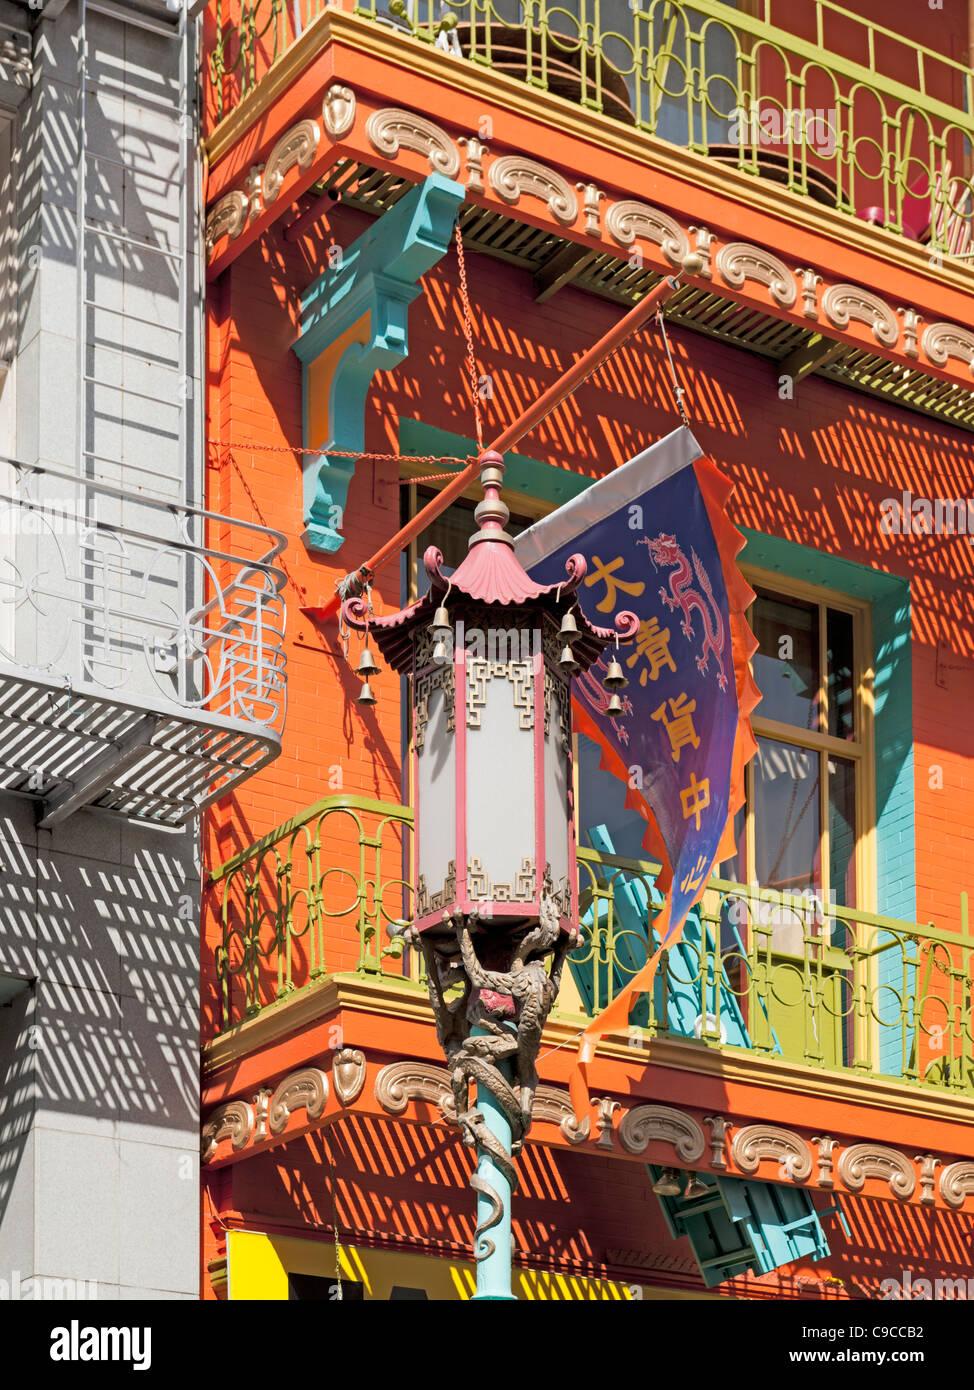 Streetlamp detail Chinatown San Francisco - Stock Image